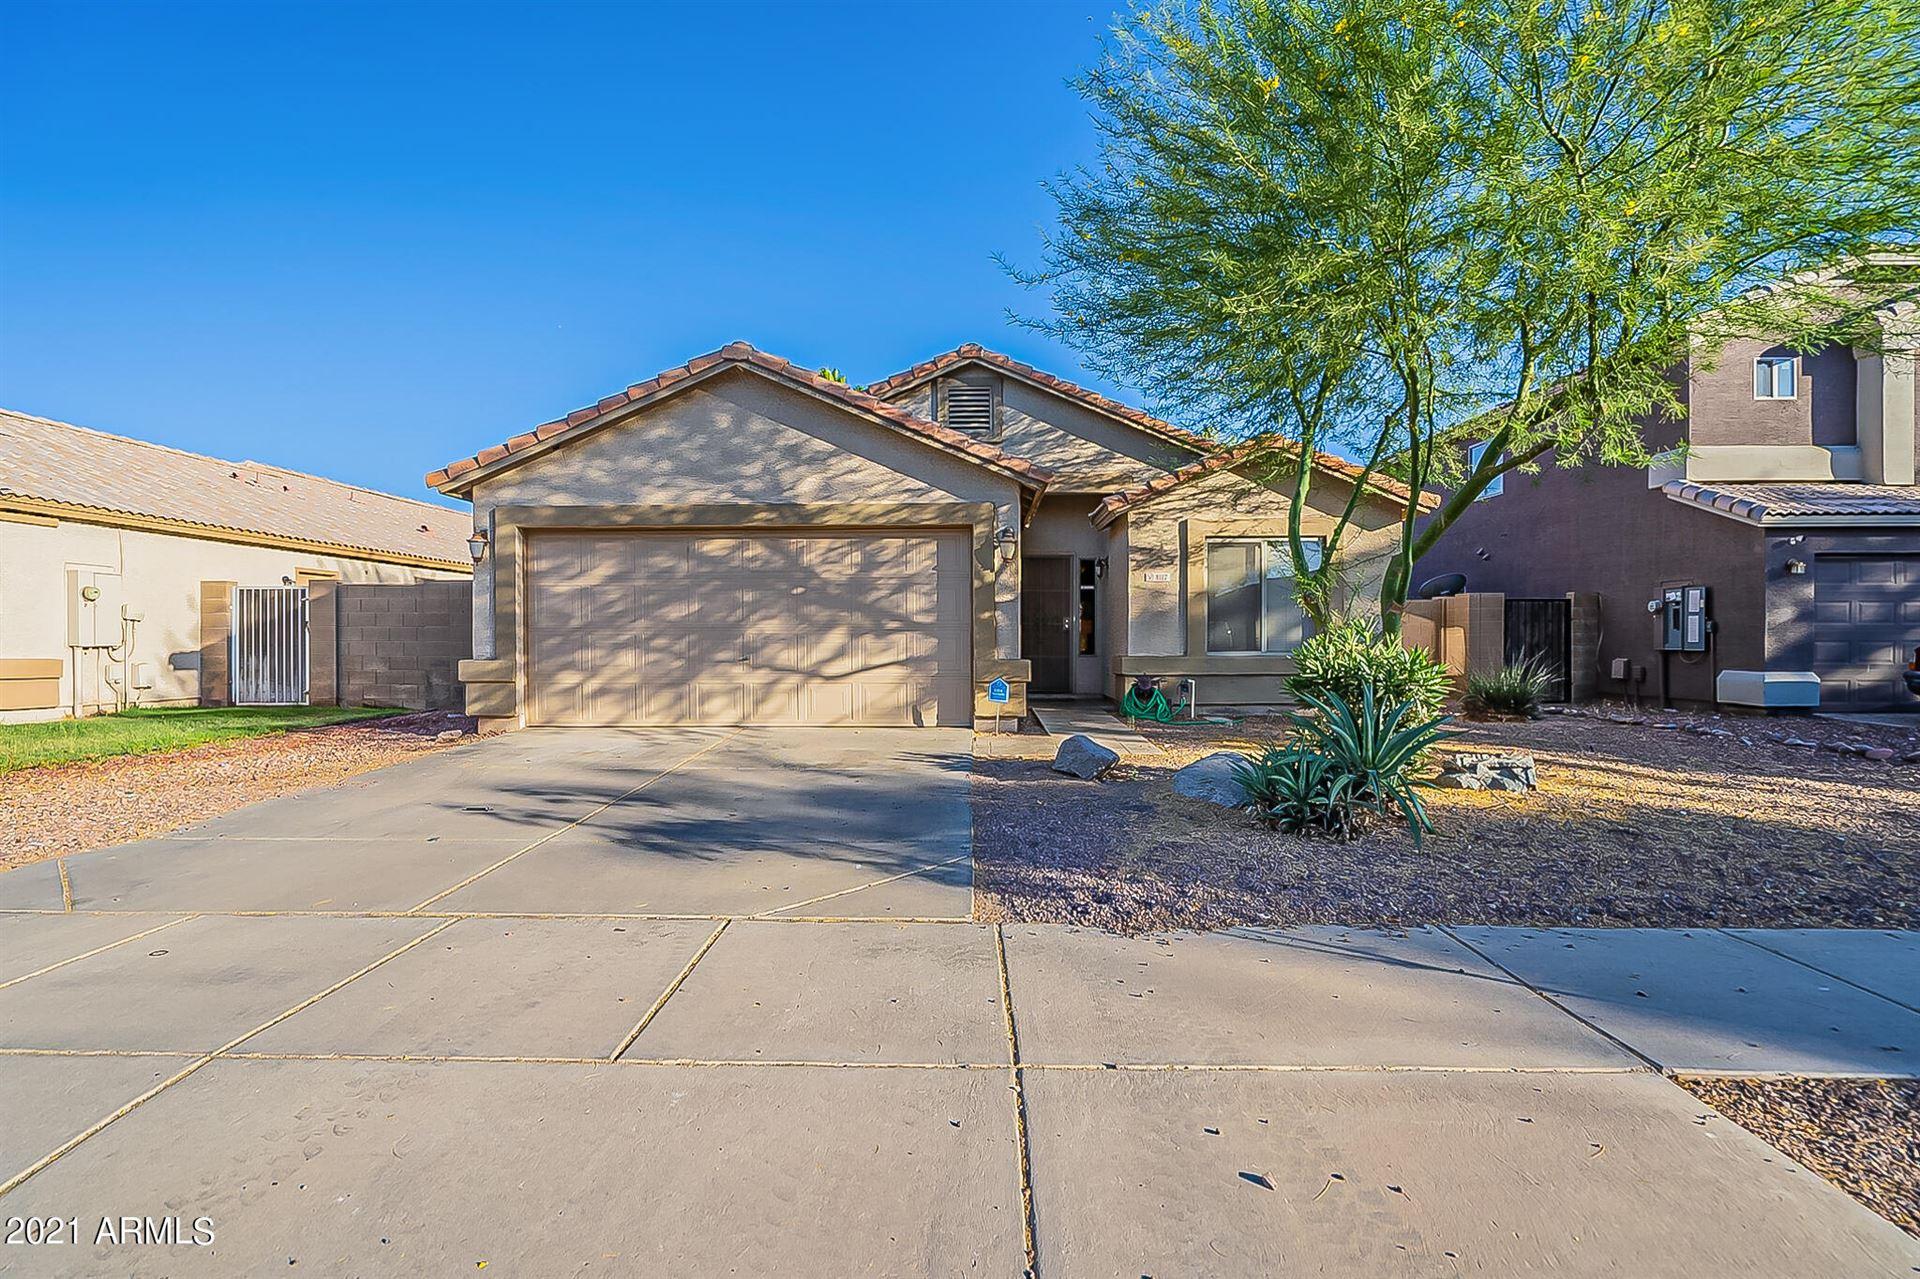 Photo of 8117 W PRESTON Lane, Phoenix, AZ 85043 (MLS # 6250127)